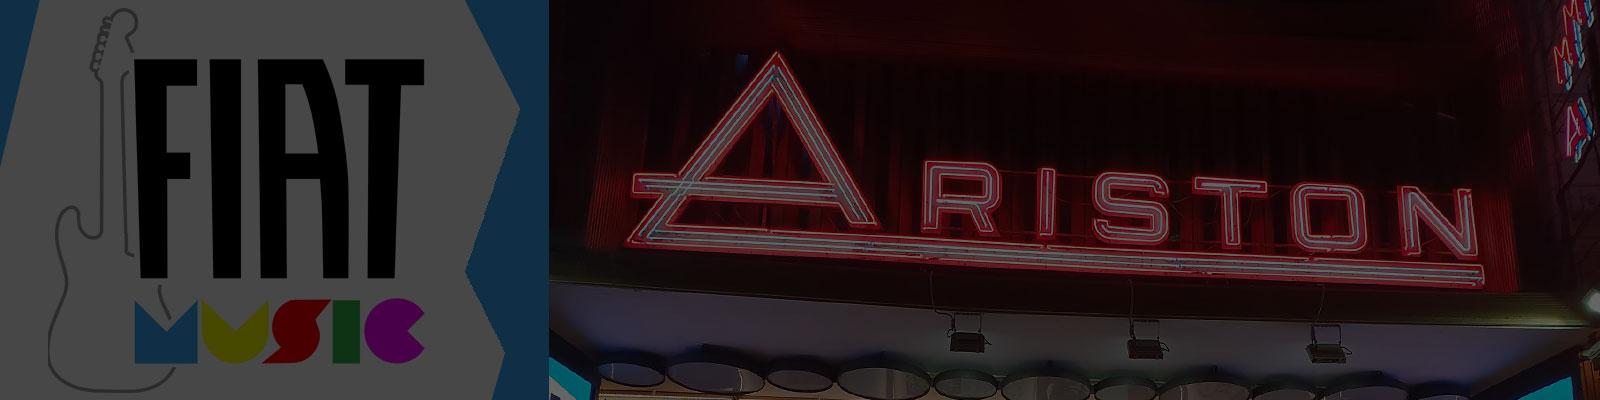 FIAT MUSIC 2018: serata finale al Teatro Ariston di Sanremo